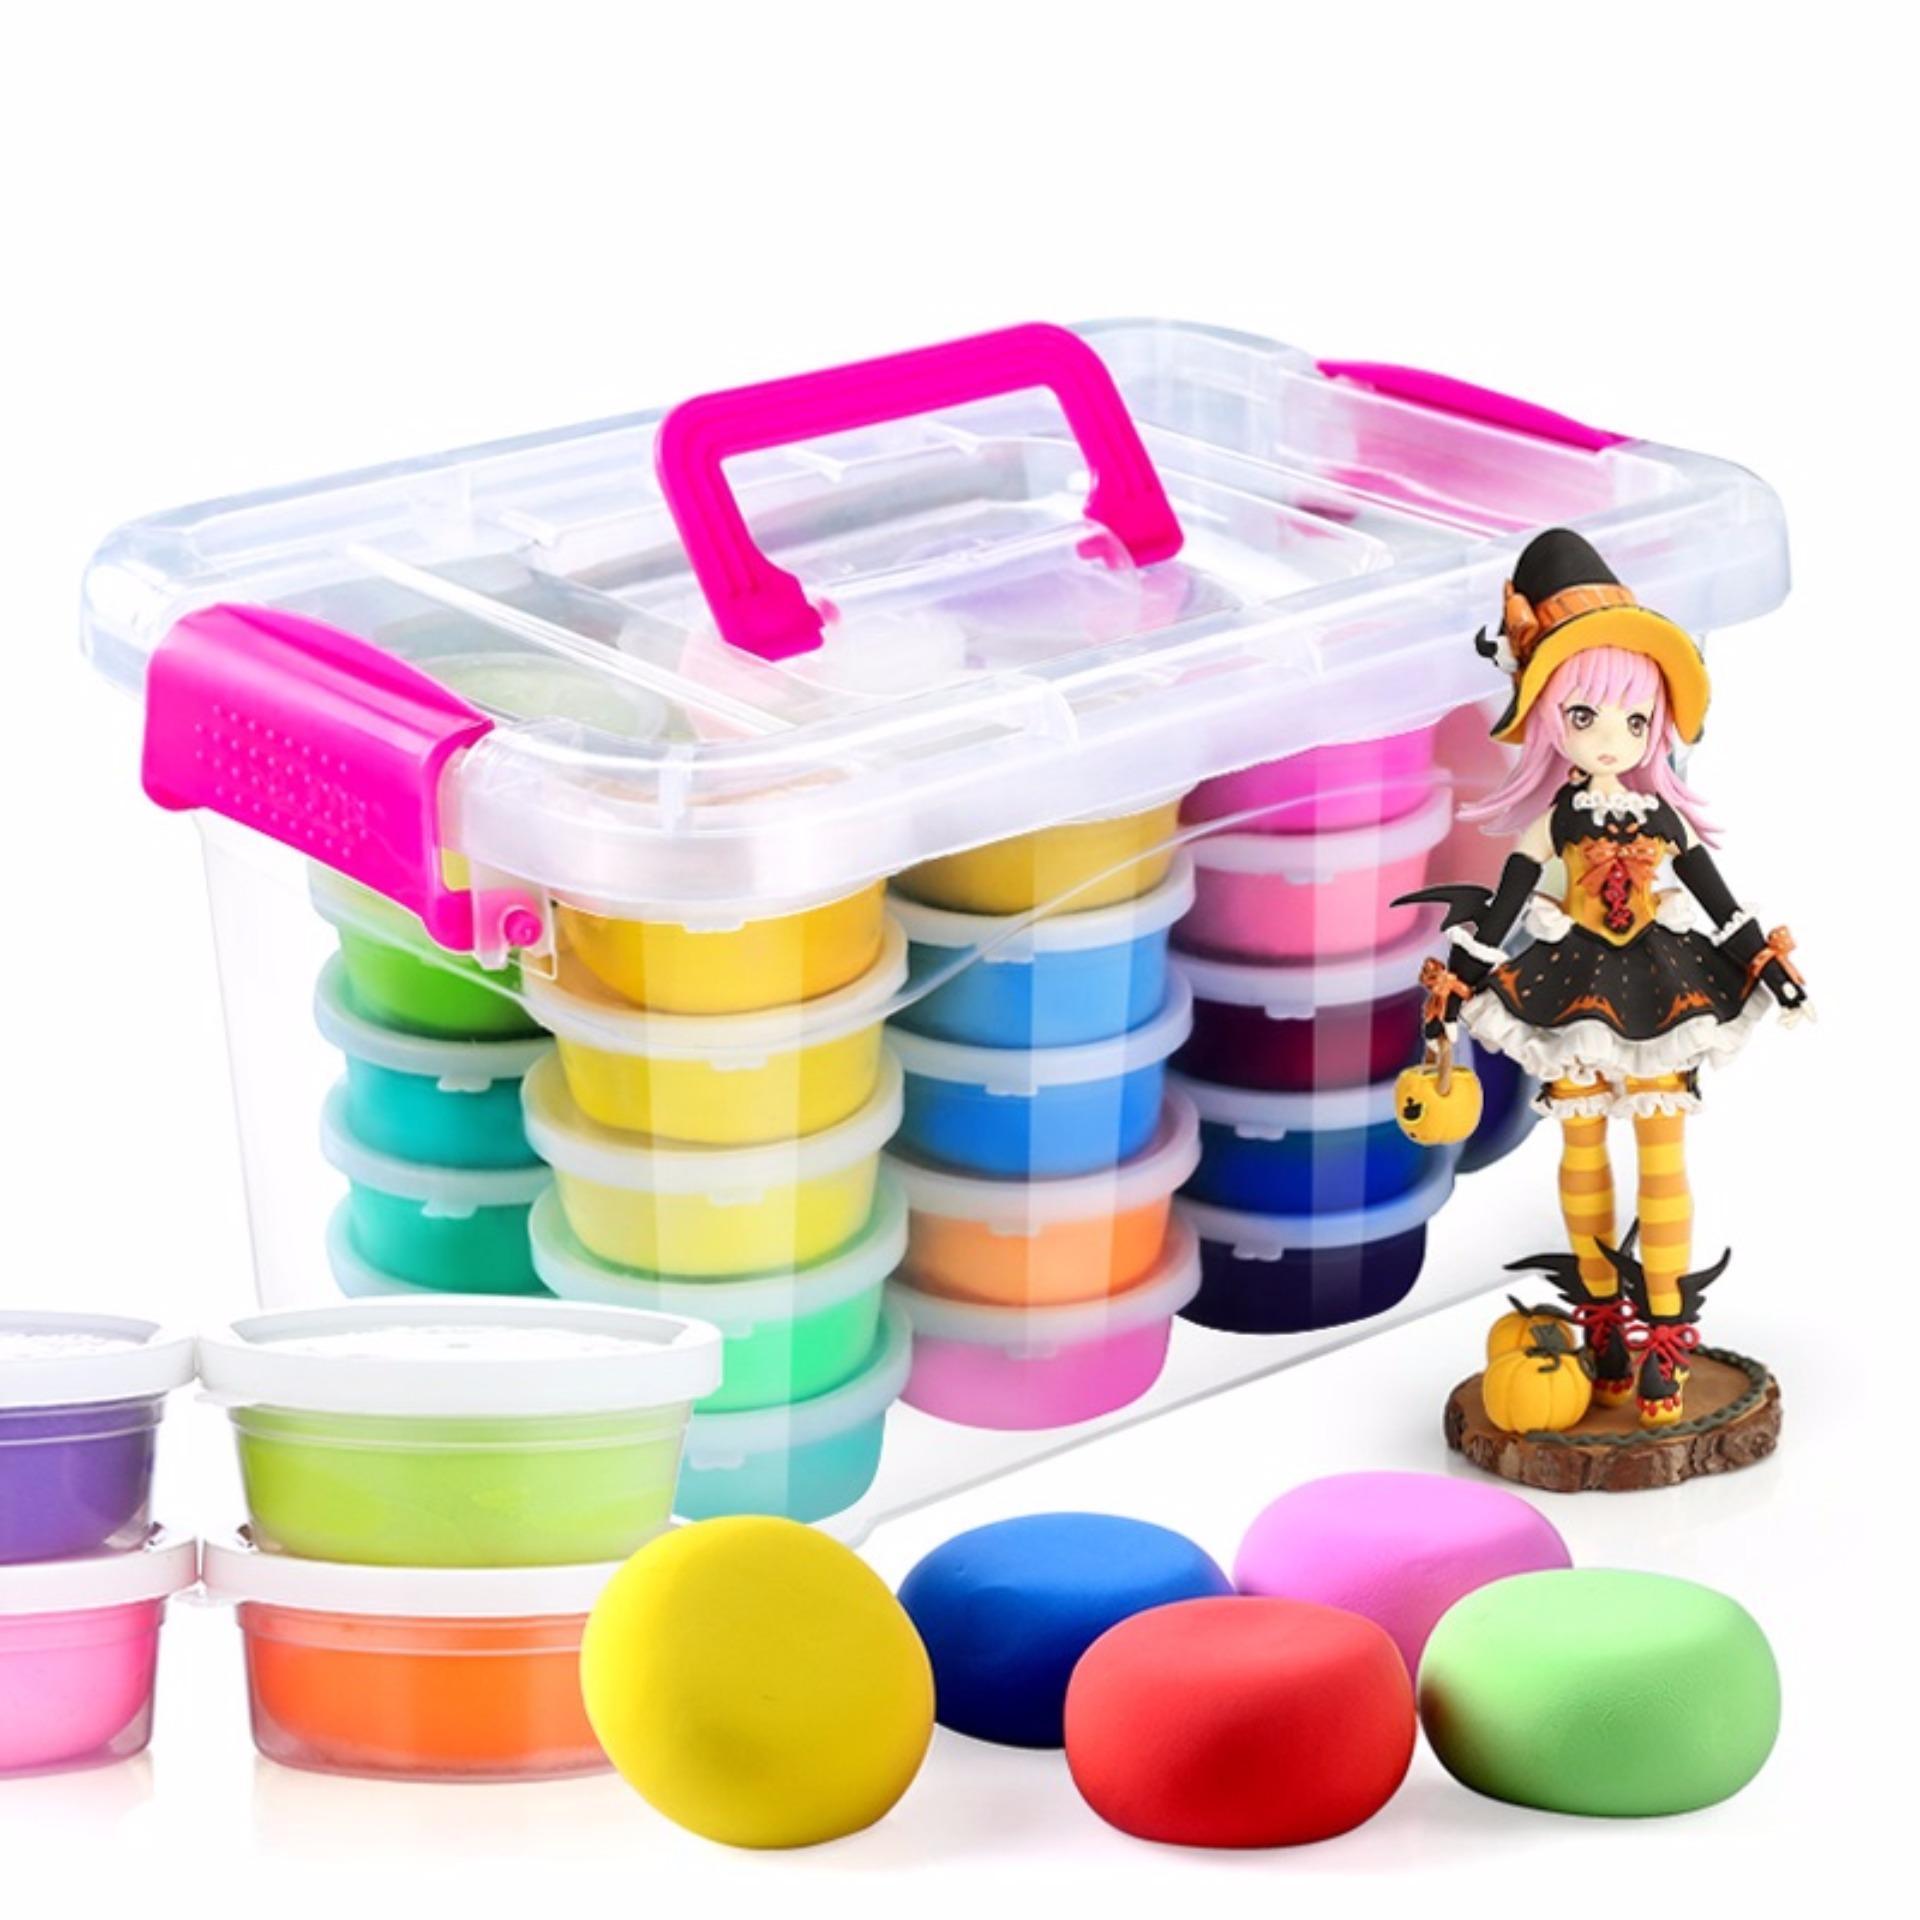 Đồ chơi Bộ Đất sinh học không độc hại: 24 màu + Khuôn + Hộp nhựa